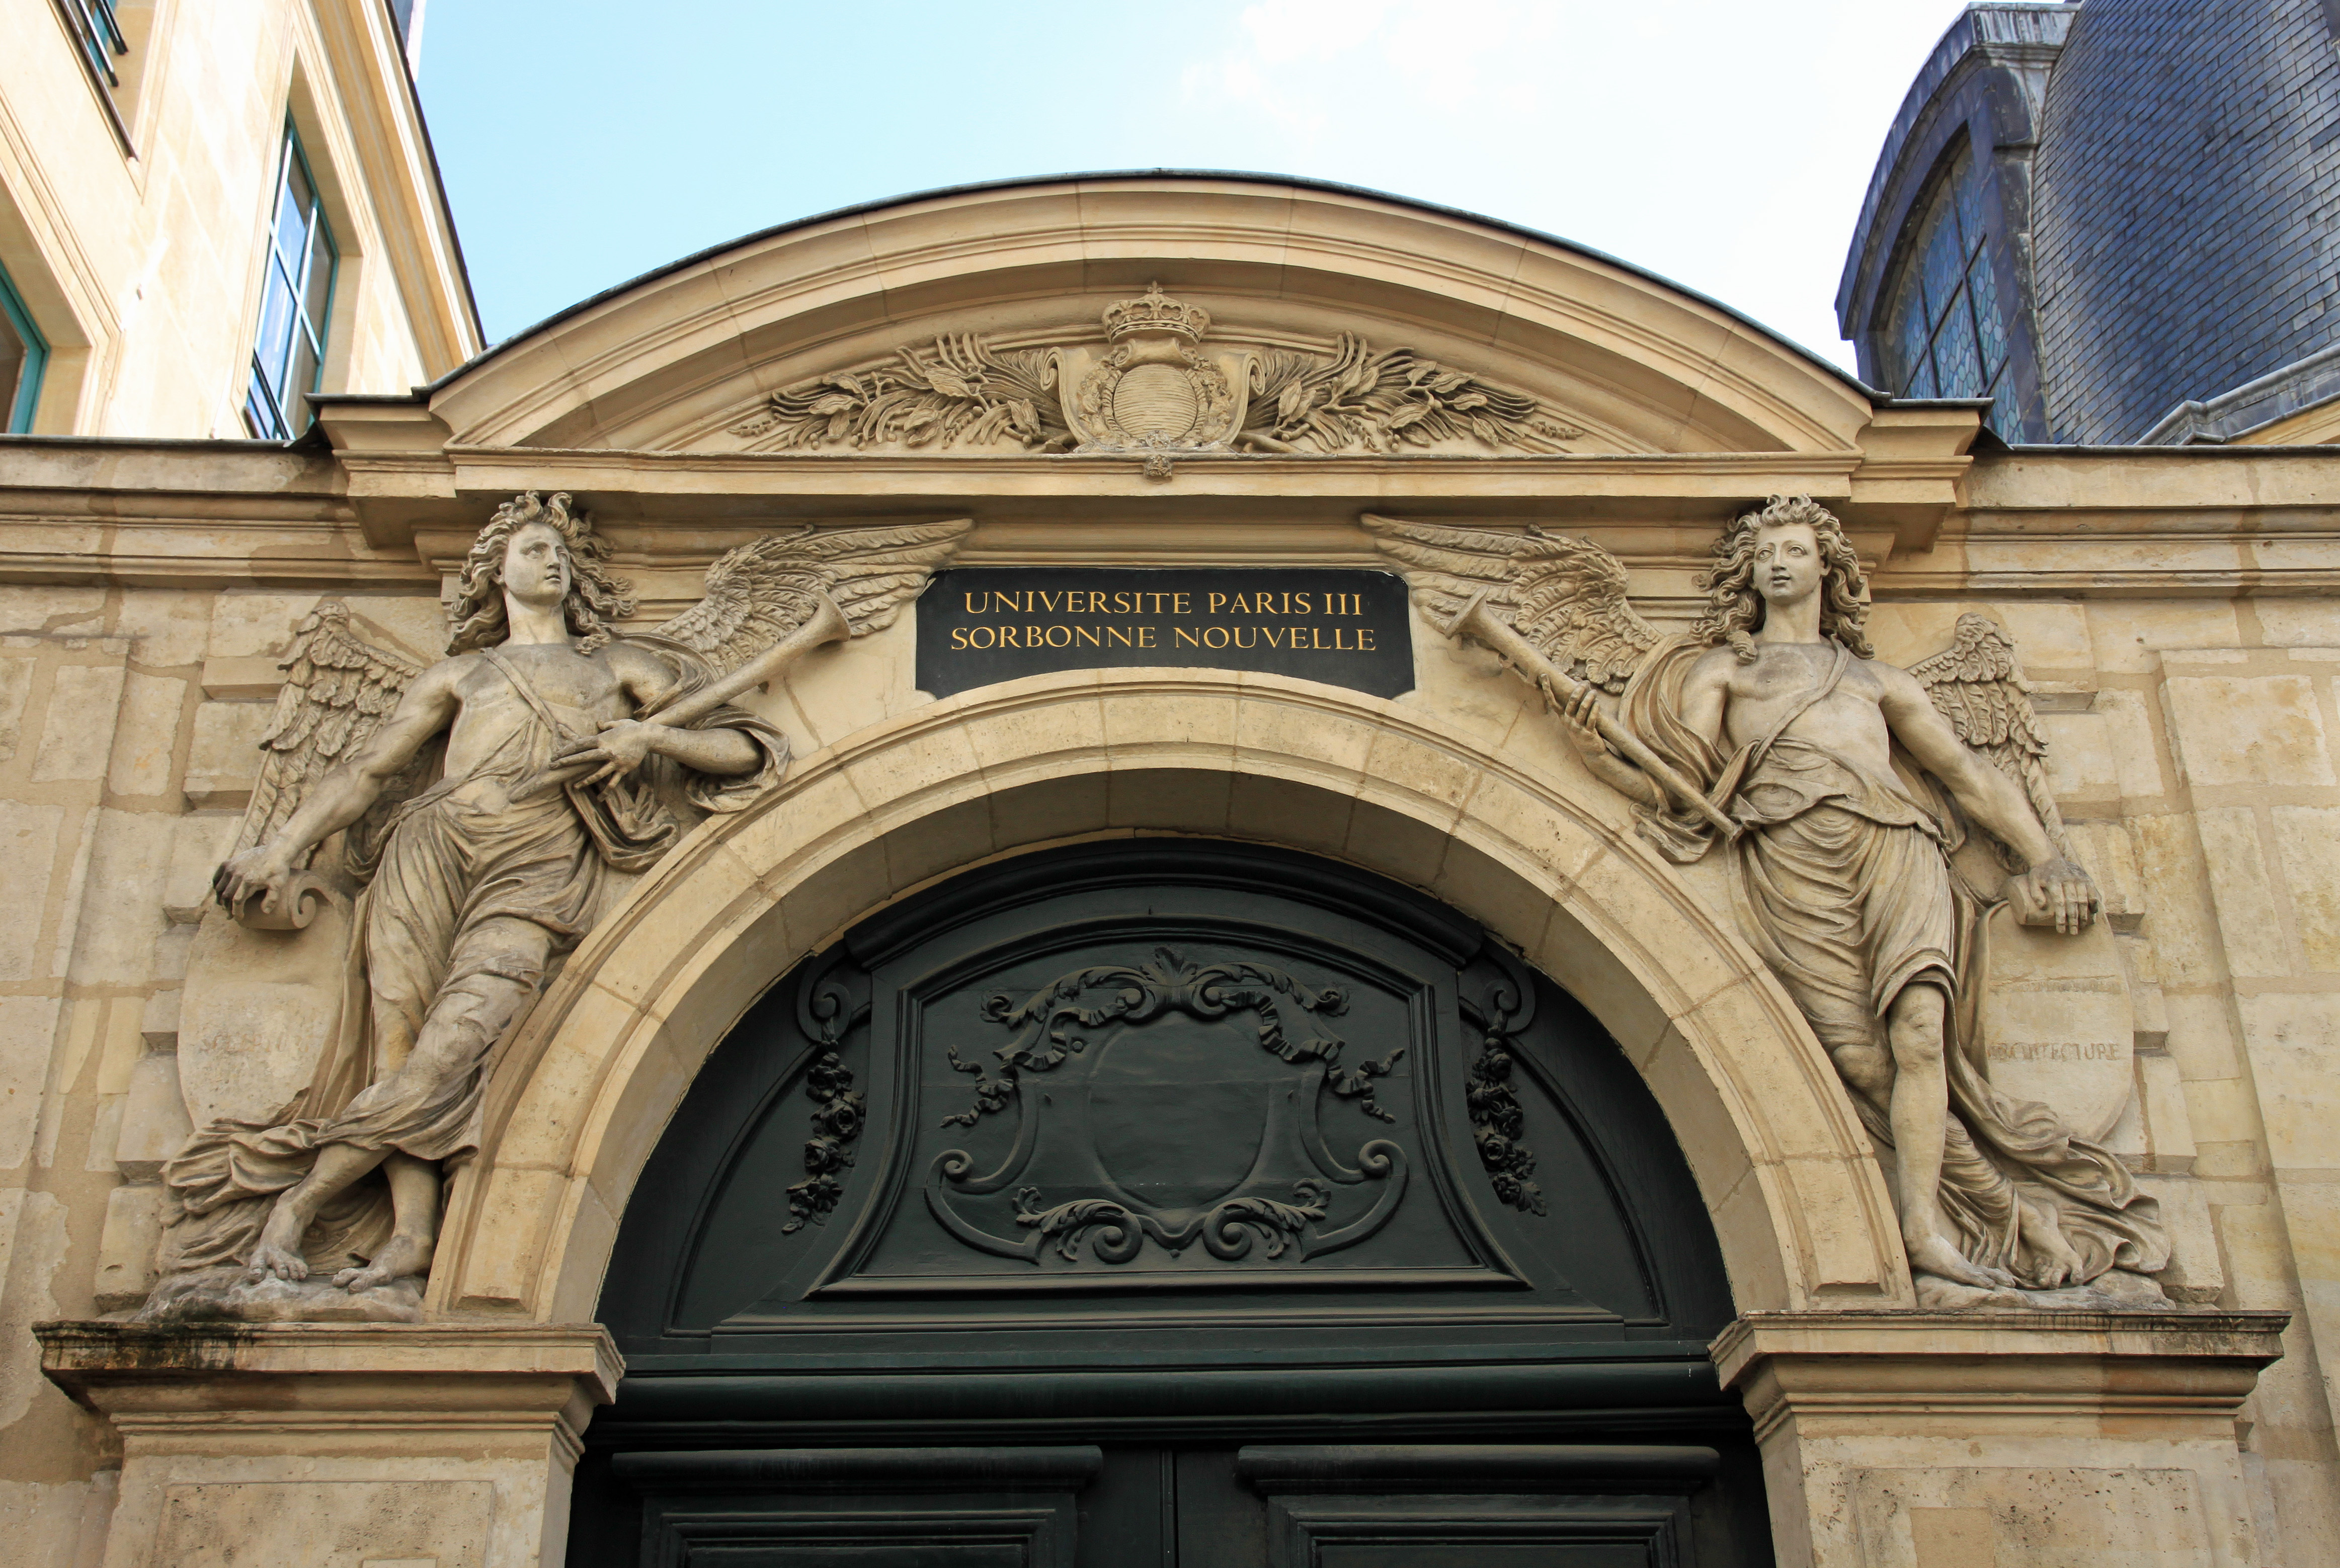 Rue De La Deco École nationale supérieure des arts décoratifs - wikipedia